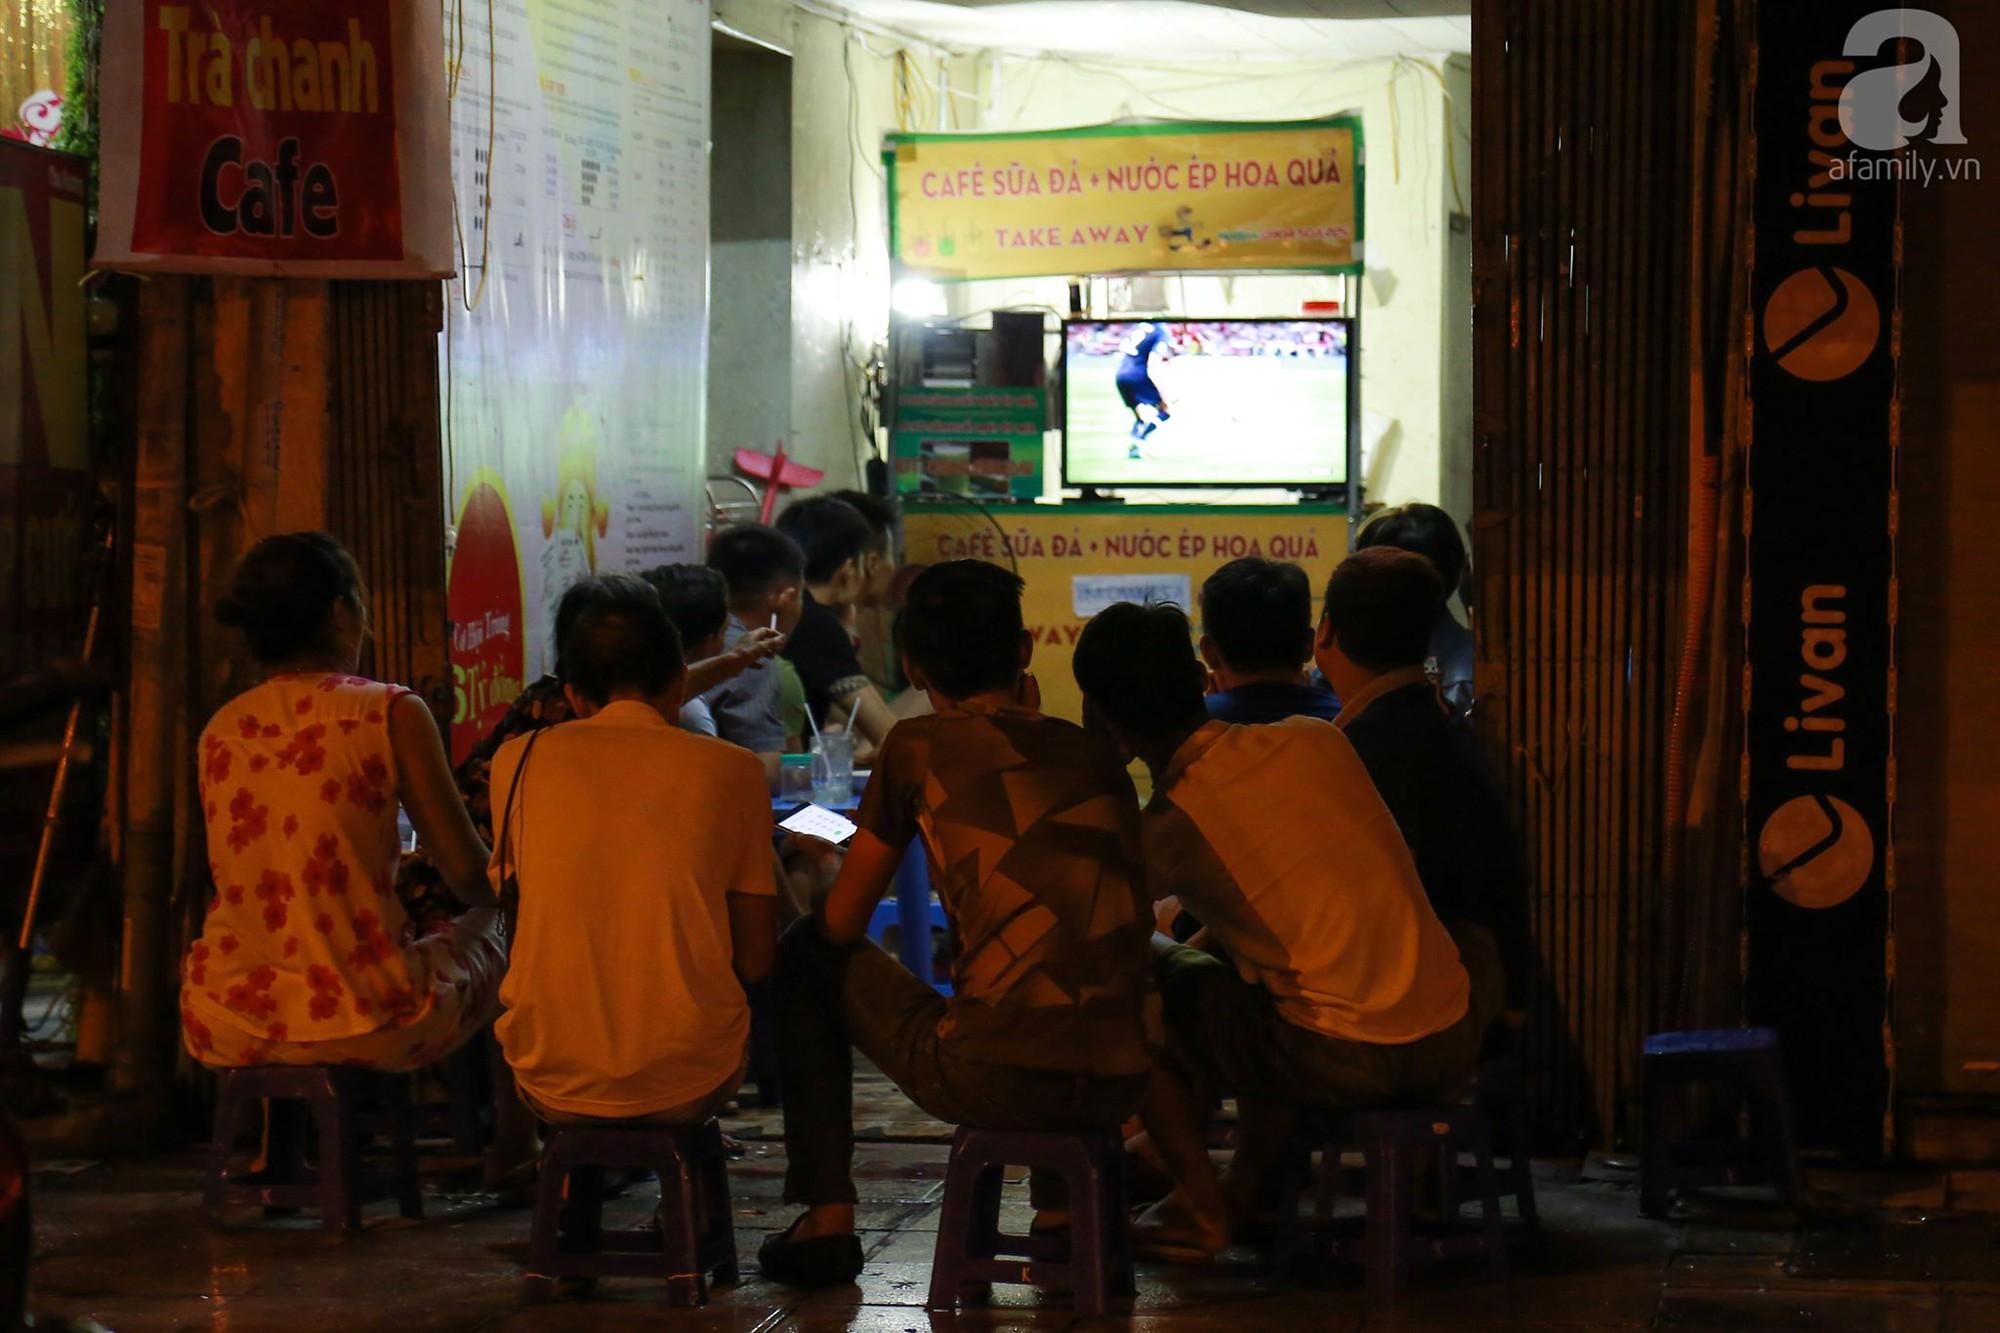 Chung kết World Cup, người Sài Gòn và Hà Nội háo hức trước trận cầu lịch sử giữa Pháp - Croatia - Ảnh 15.